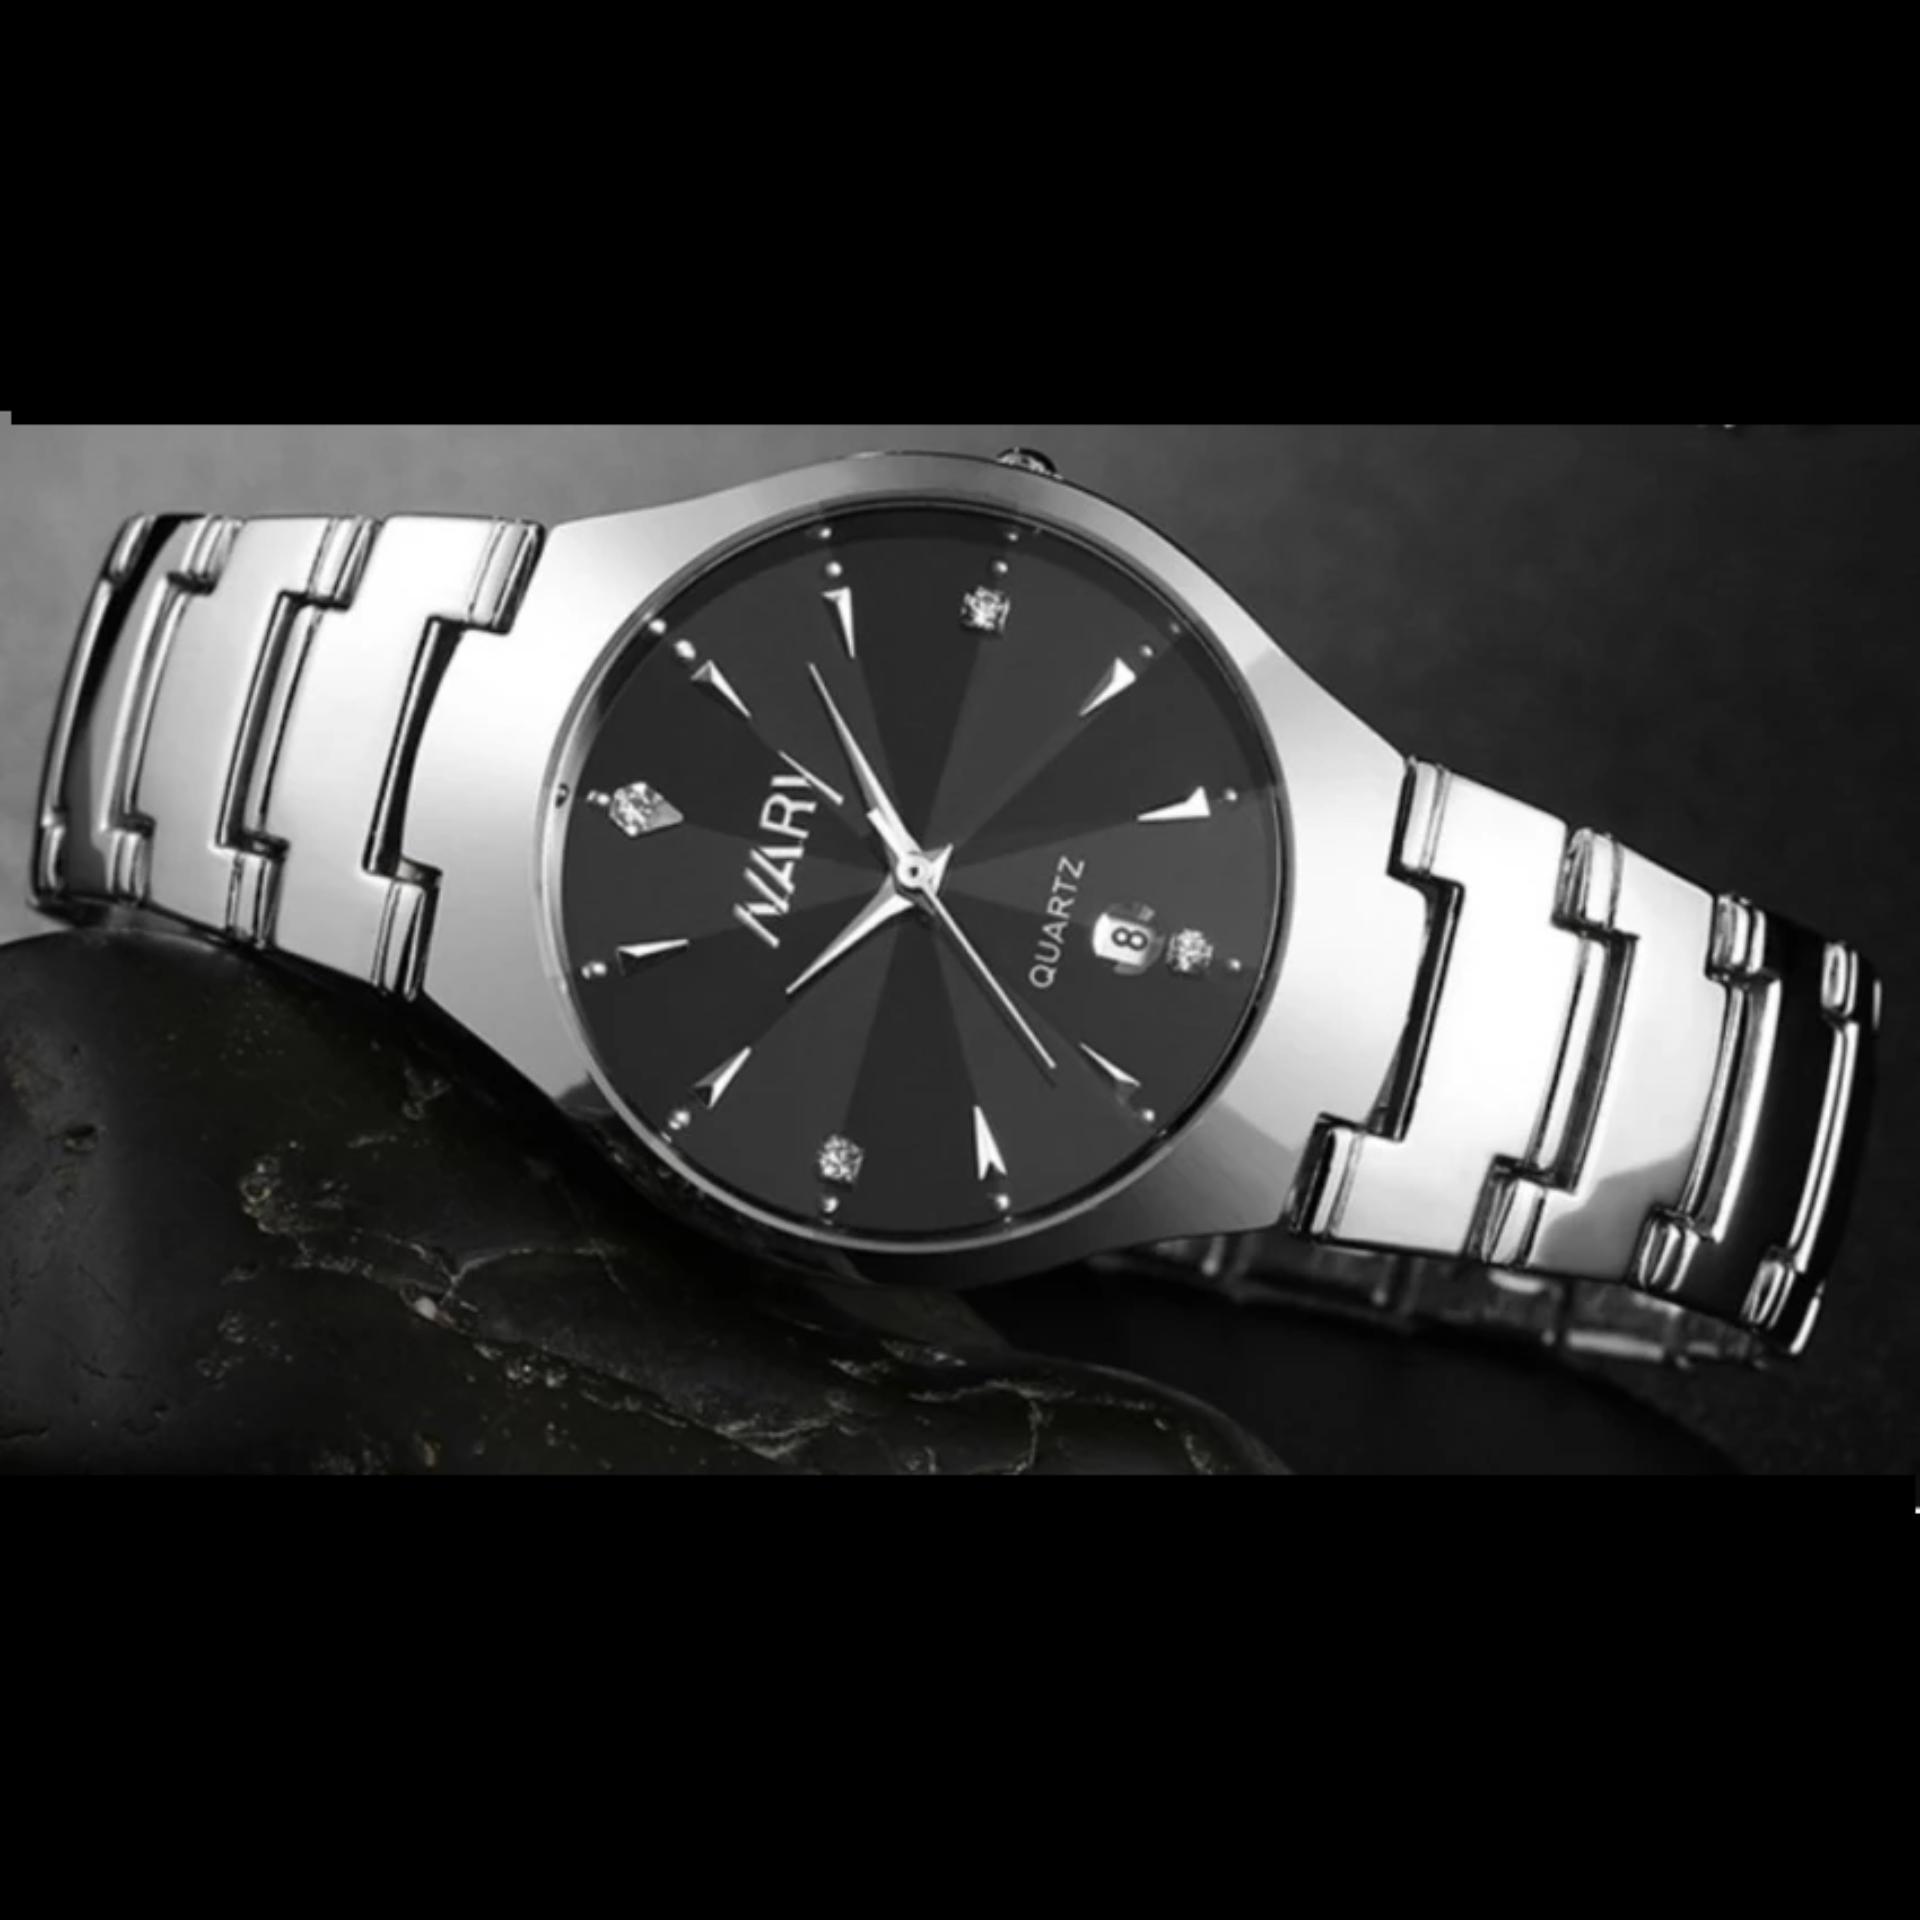 Đồng hồ Nary Nam Sang Trọng Tinh Tế 2017 Alowatch